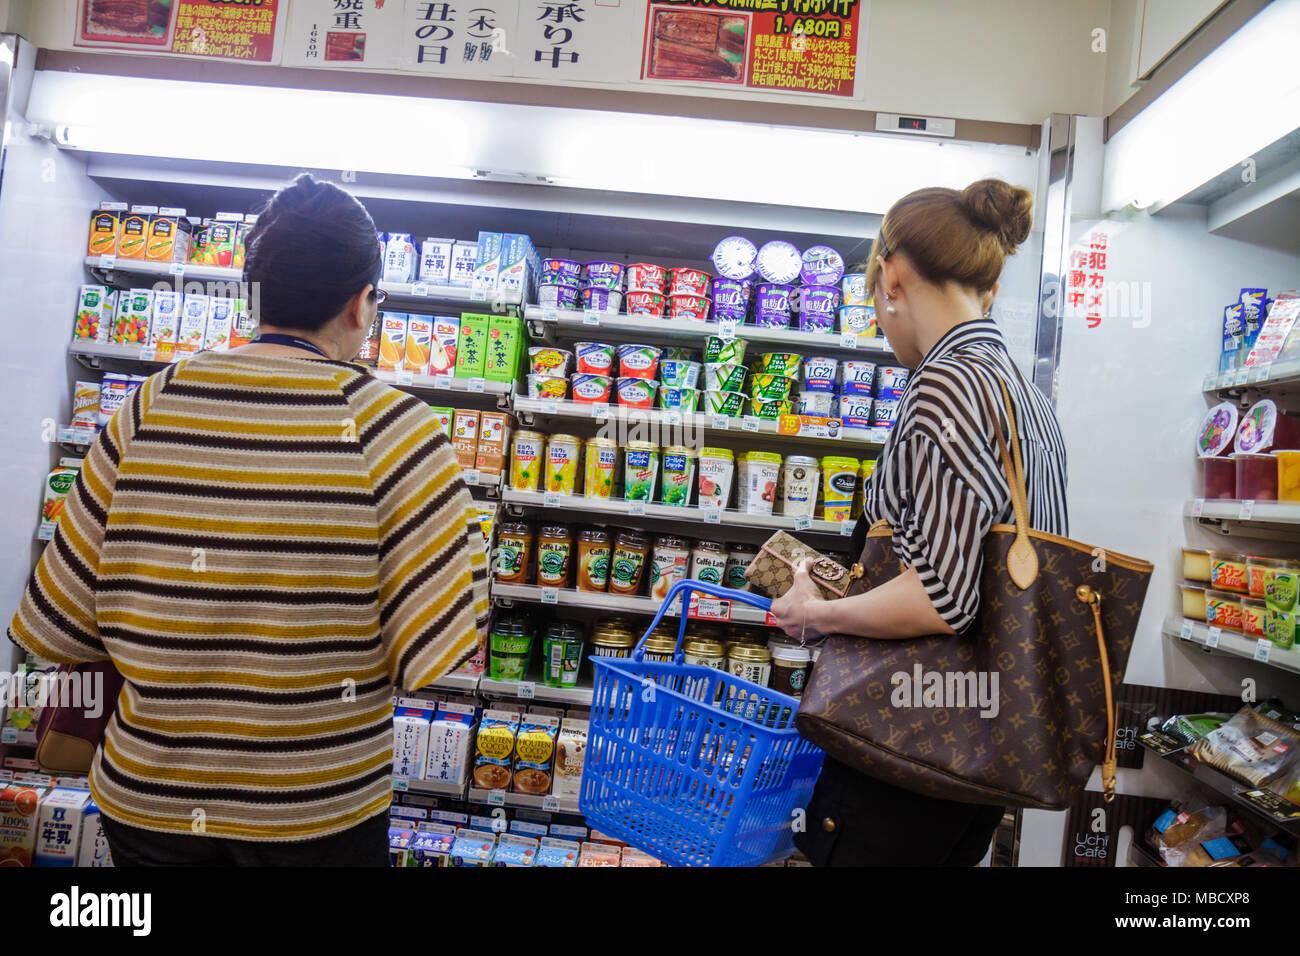 Tokyo Japan Shinjuku Lawson Convenience Store shopping shoppers kanji hiragana katakana characters symbols Japanese English reta - Stock Image